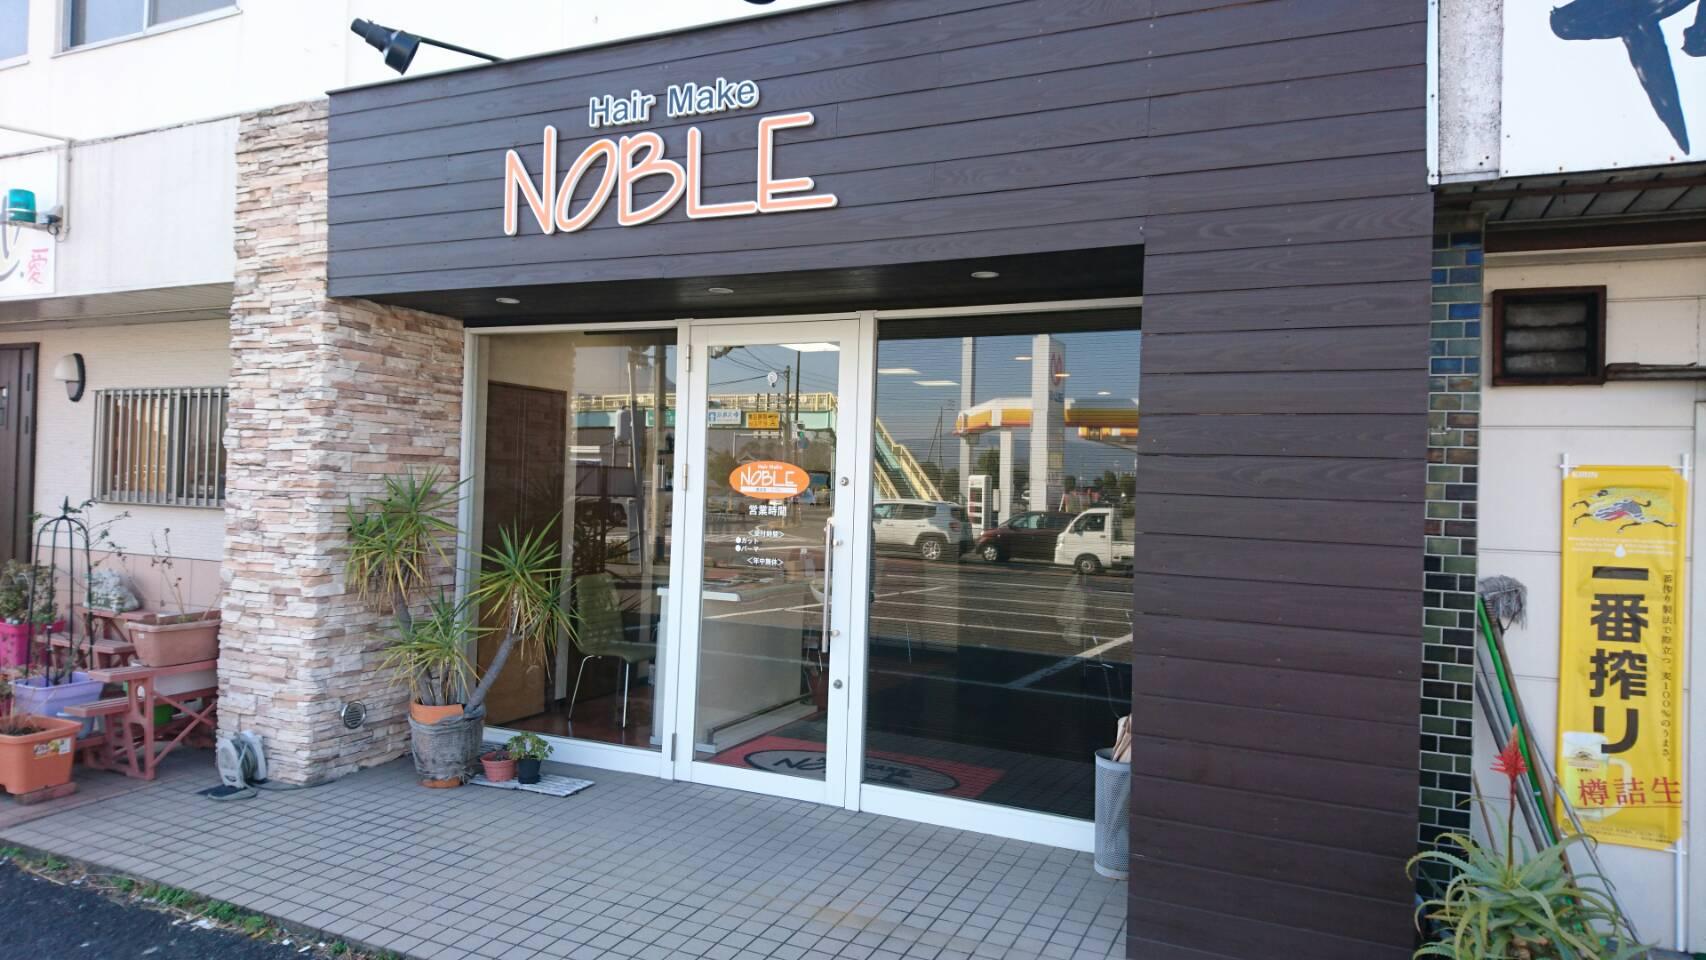 NOBLE 丸亀南店